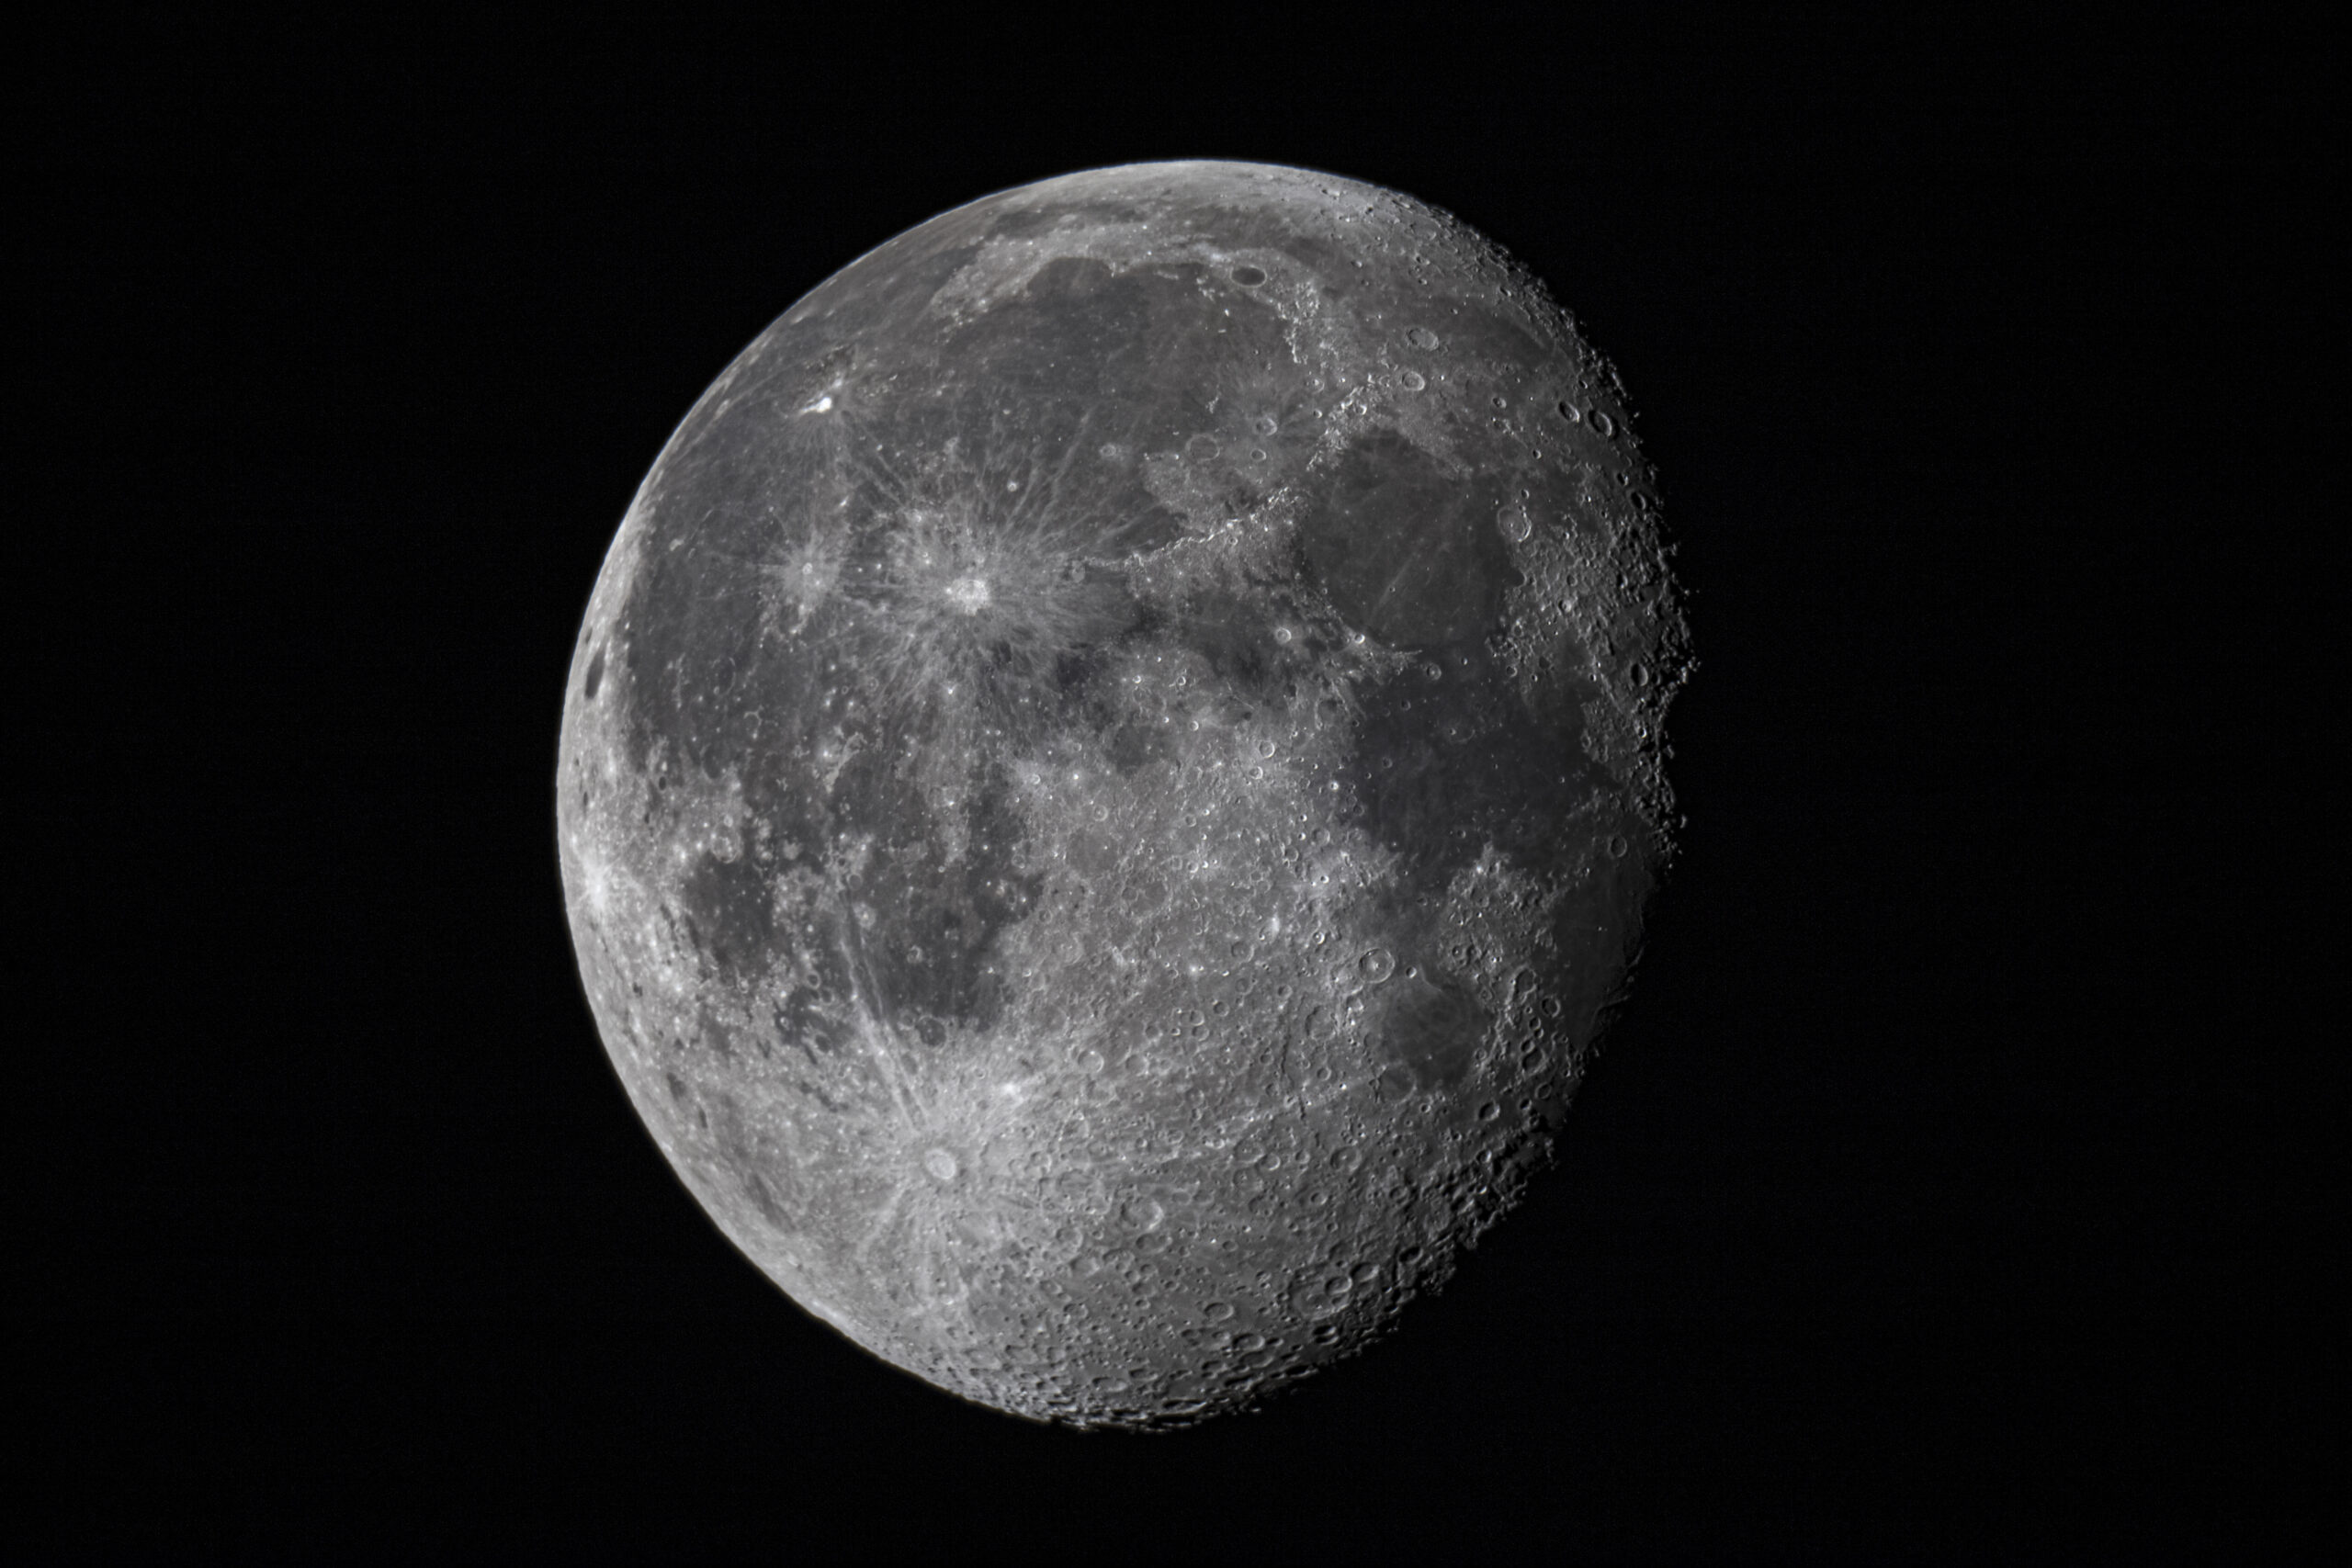 Luna de 18 días capturada con una cámara Canon EOS 6D acoplada a foco primario en un telescopio Celestron C8.